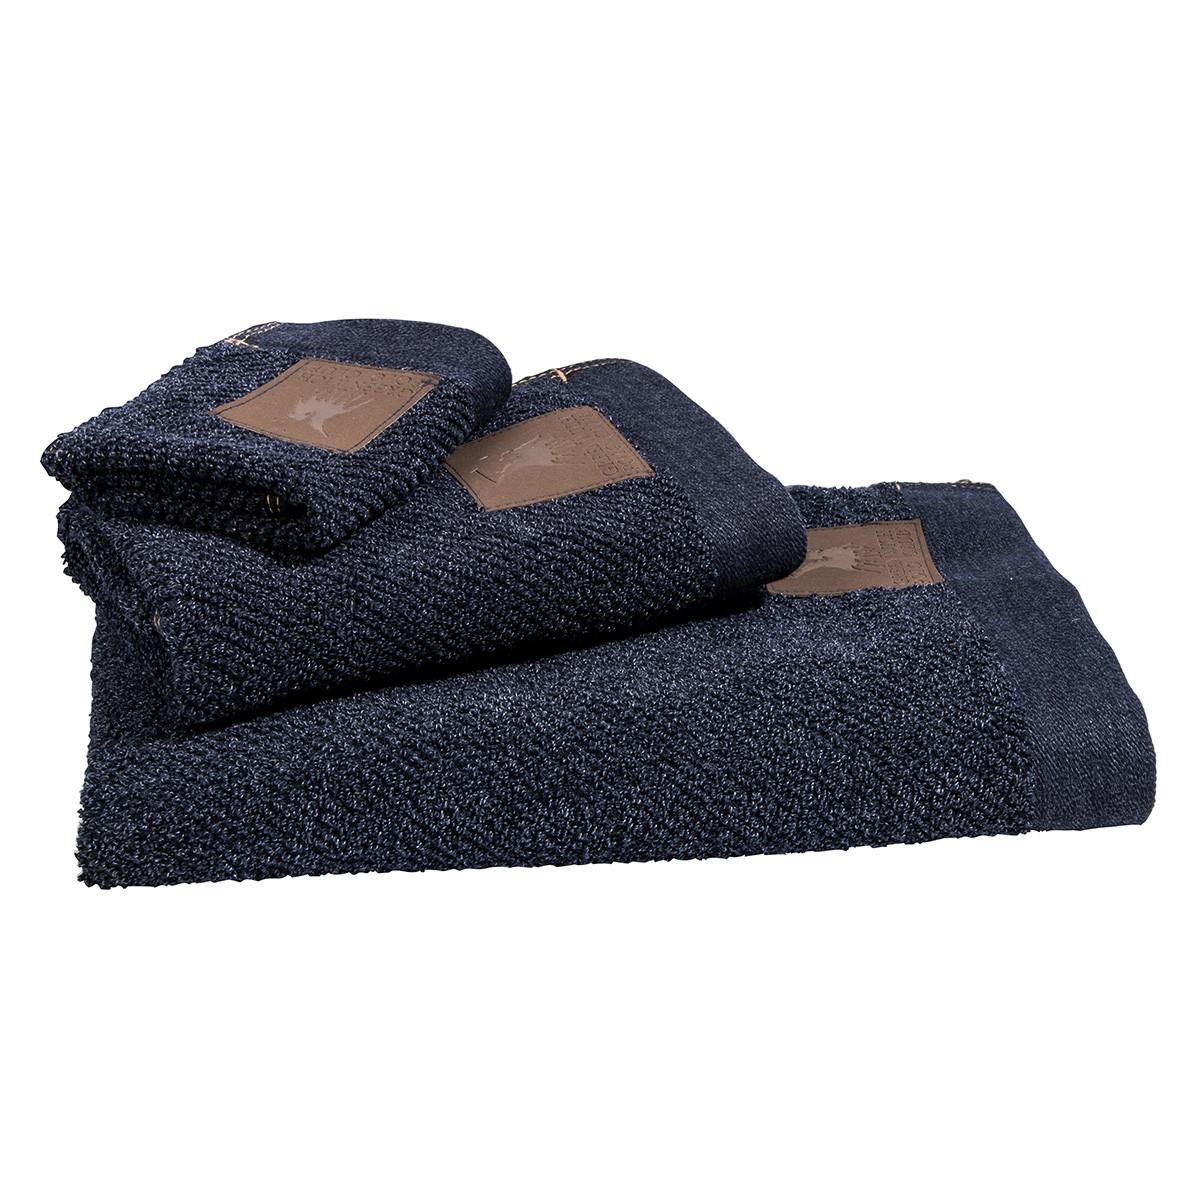 Πετσέτες Μπάνιου (Σετ 3τμχ) Polo Club Essential 2524